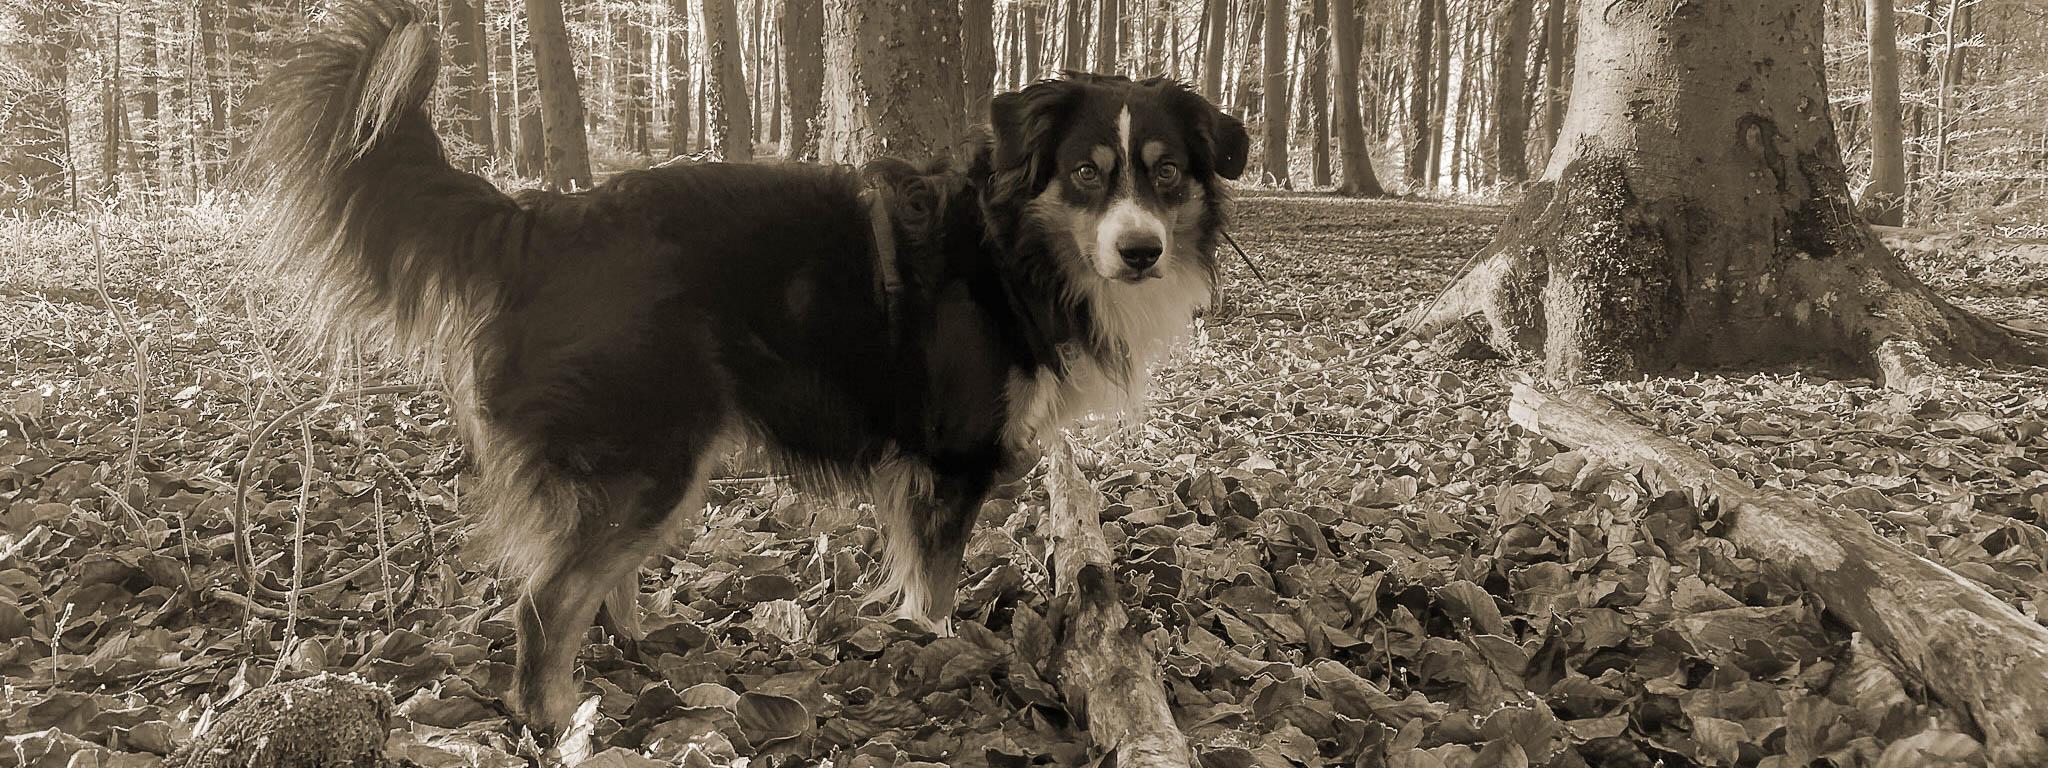 Hund steht im Wald mit erhobener Rute